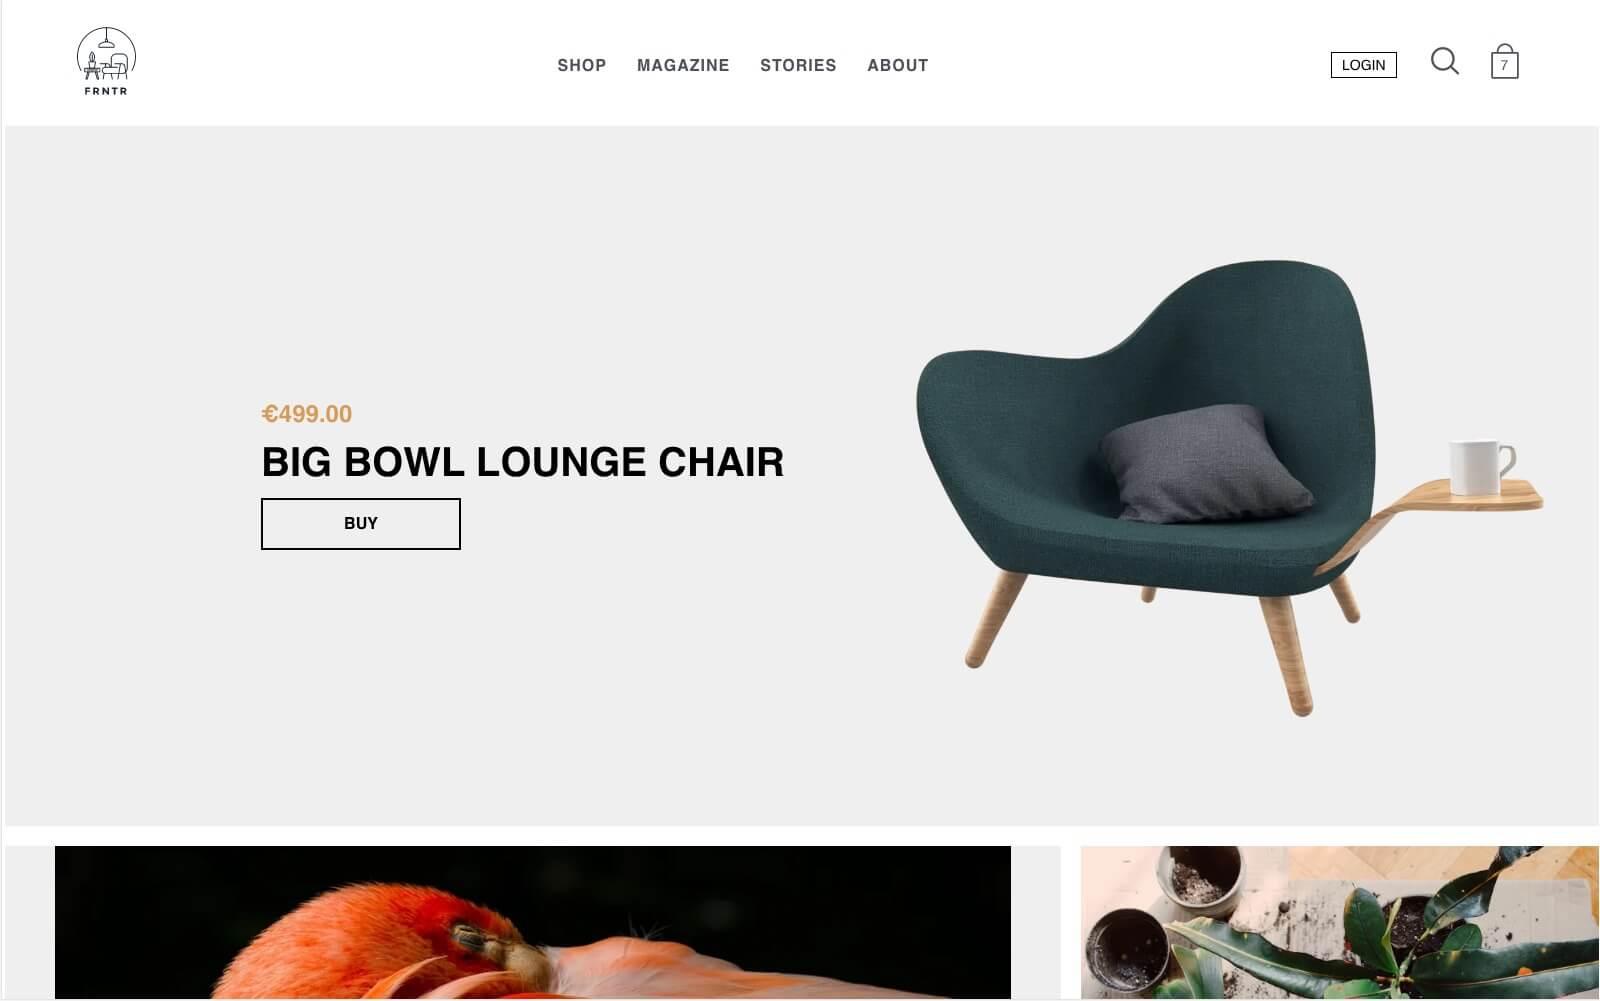 NextJS webshop.